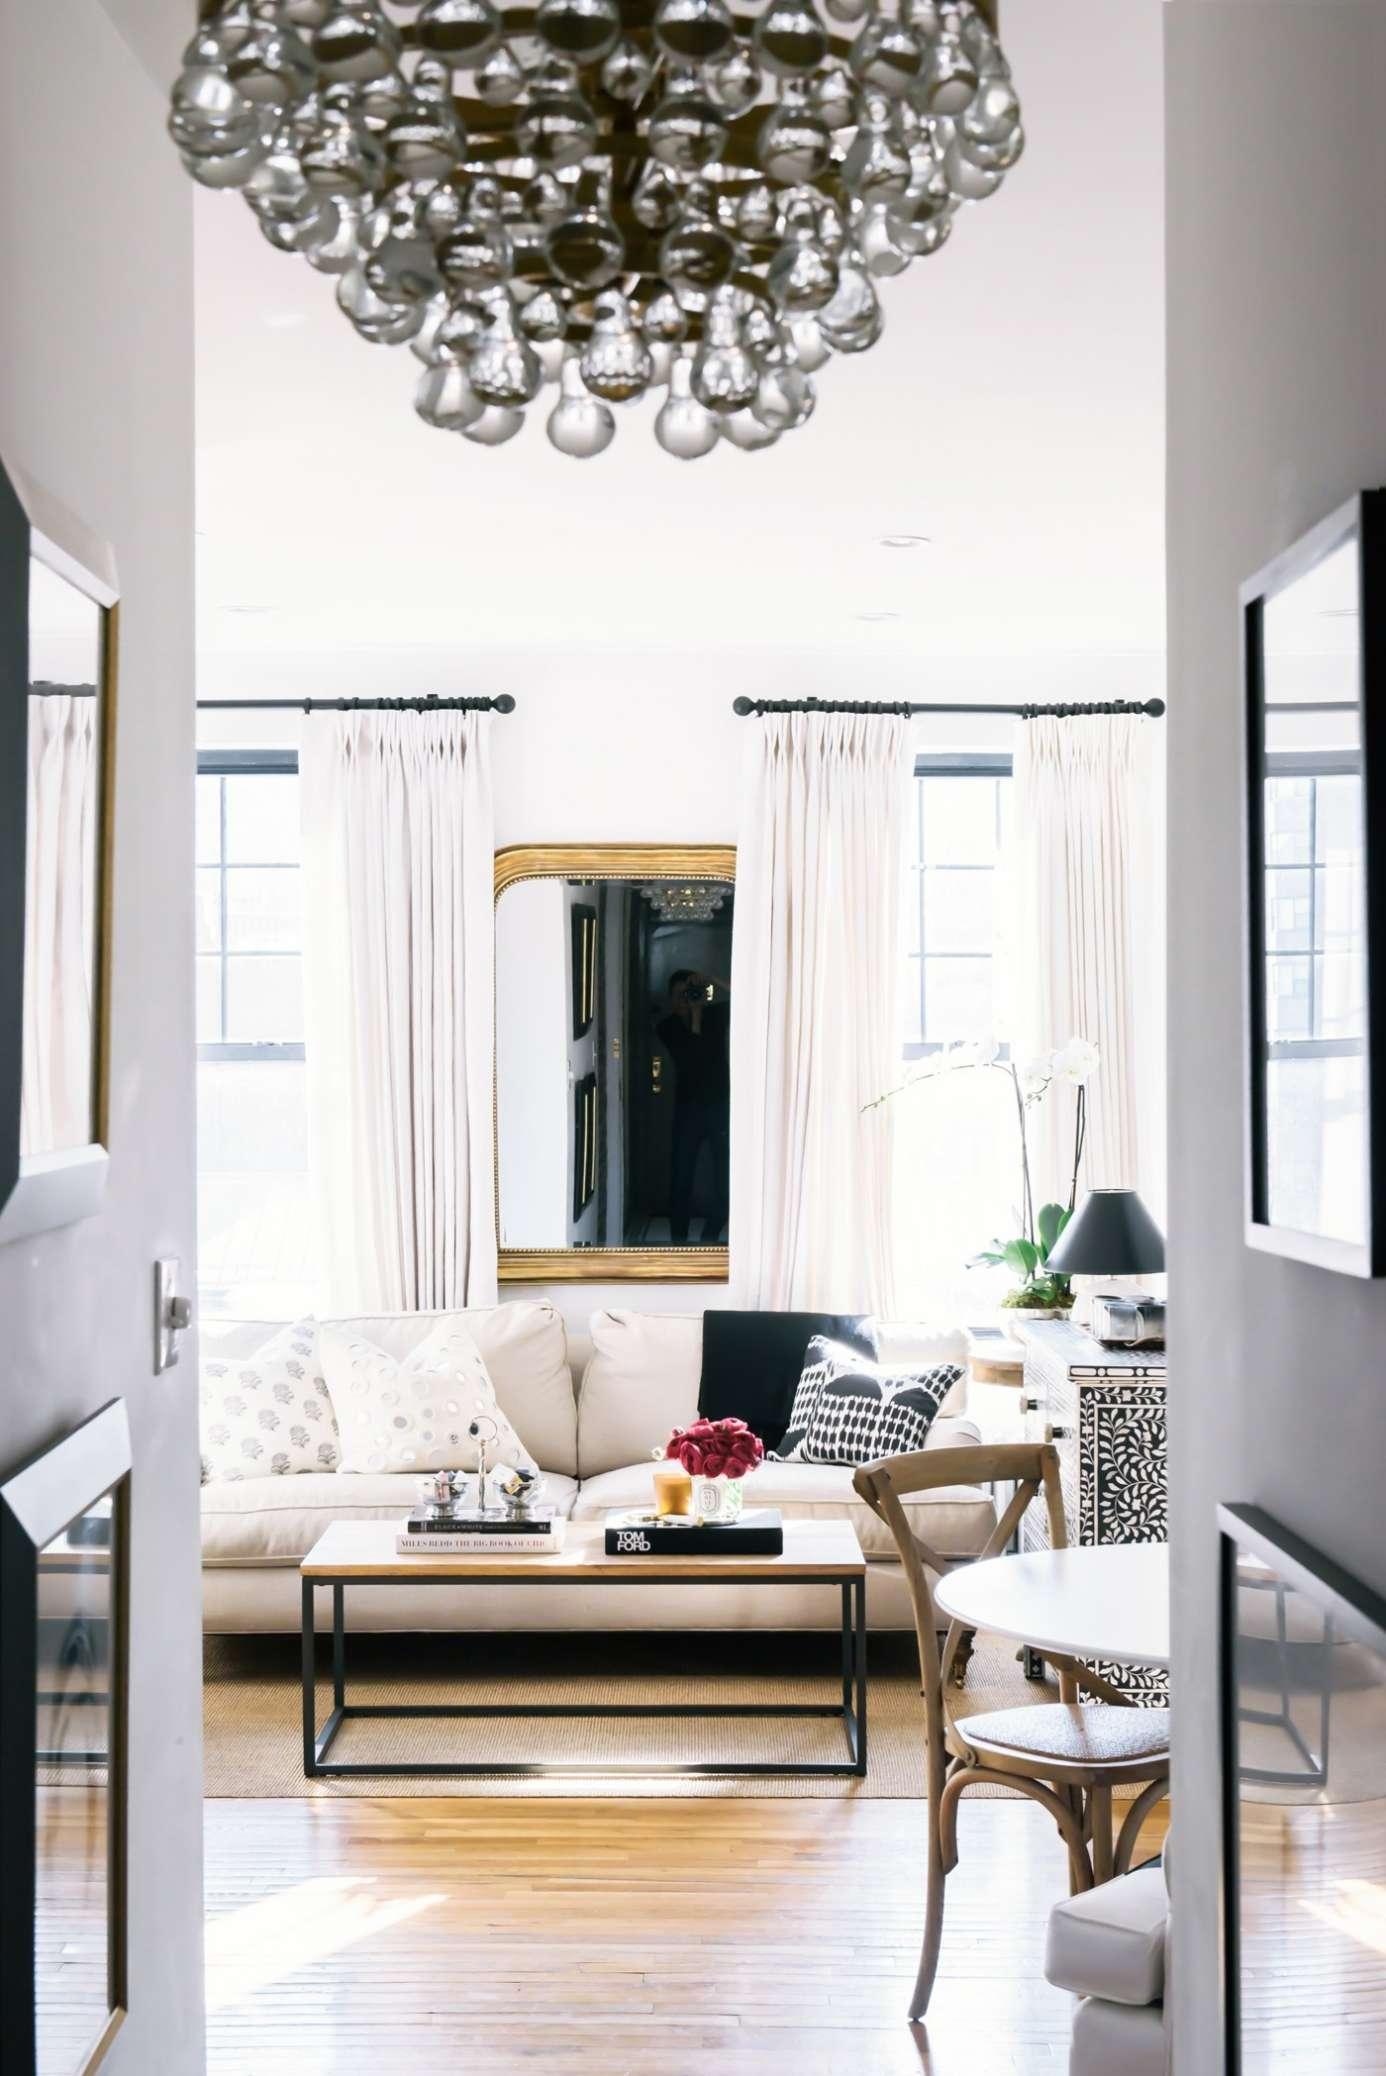 20 Qm Zimmer Einrichten Home Ideen